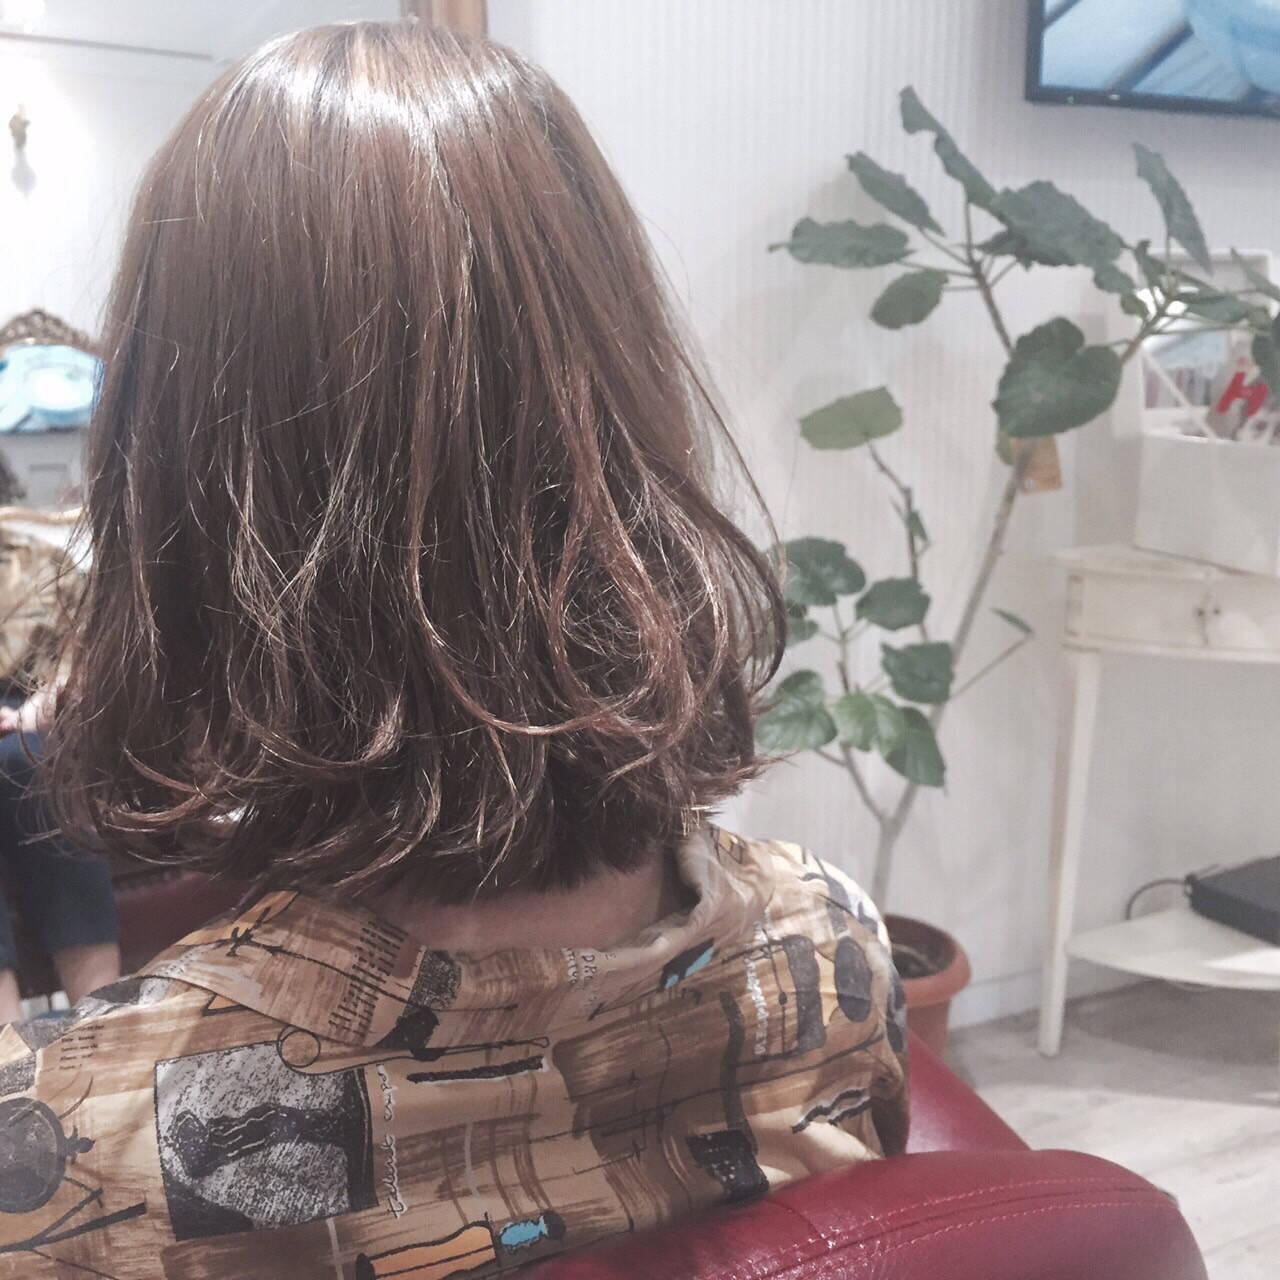 ガーリー くせ毛風 ショートボブ 大人かわいいヘアスタイルや髪型の写真・画像